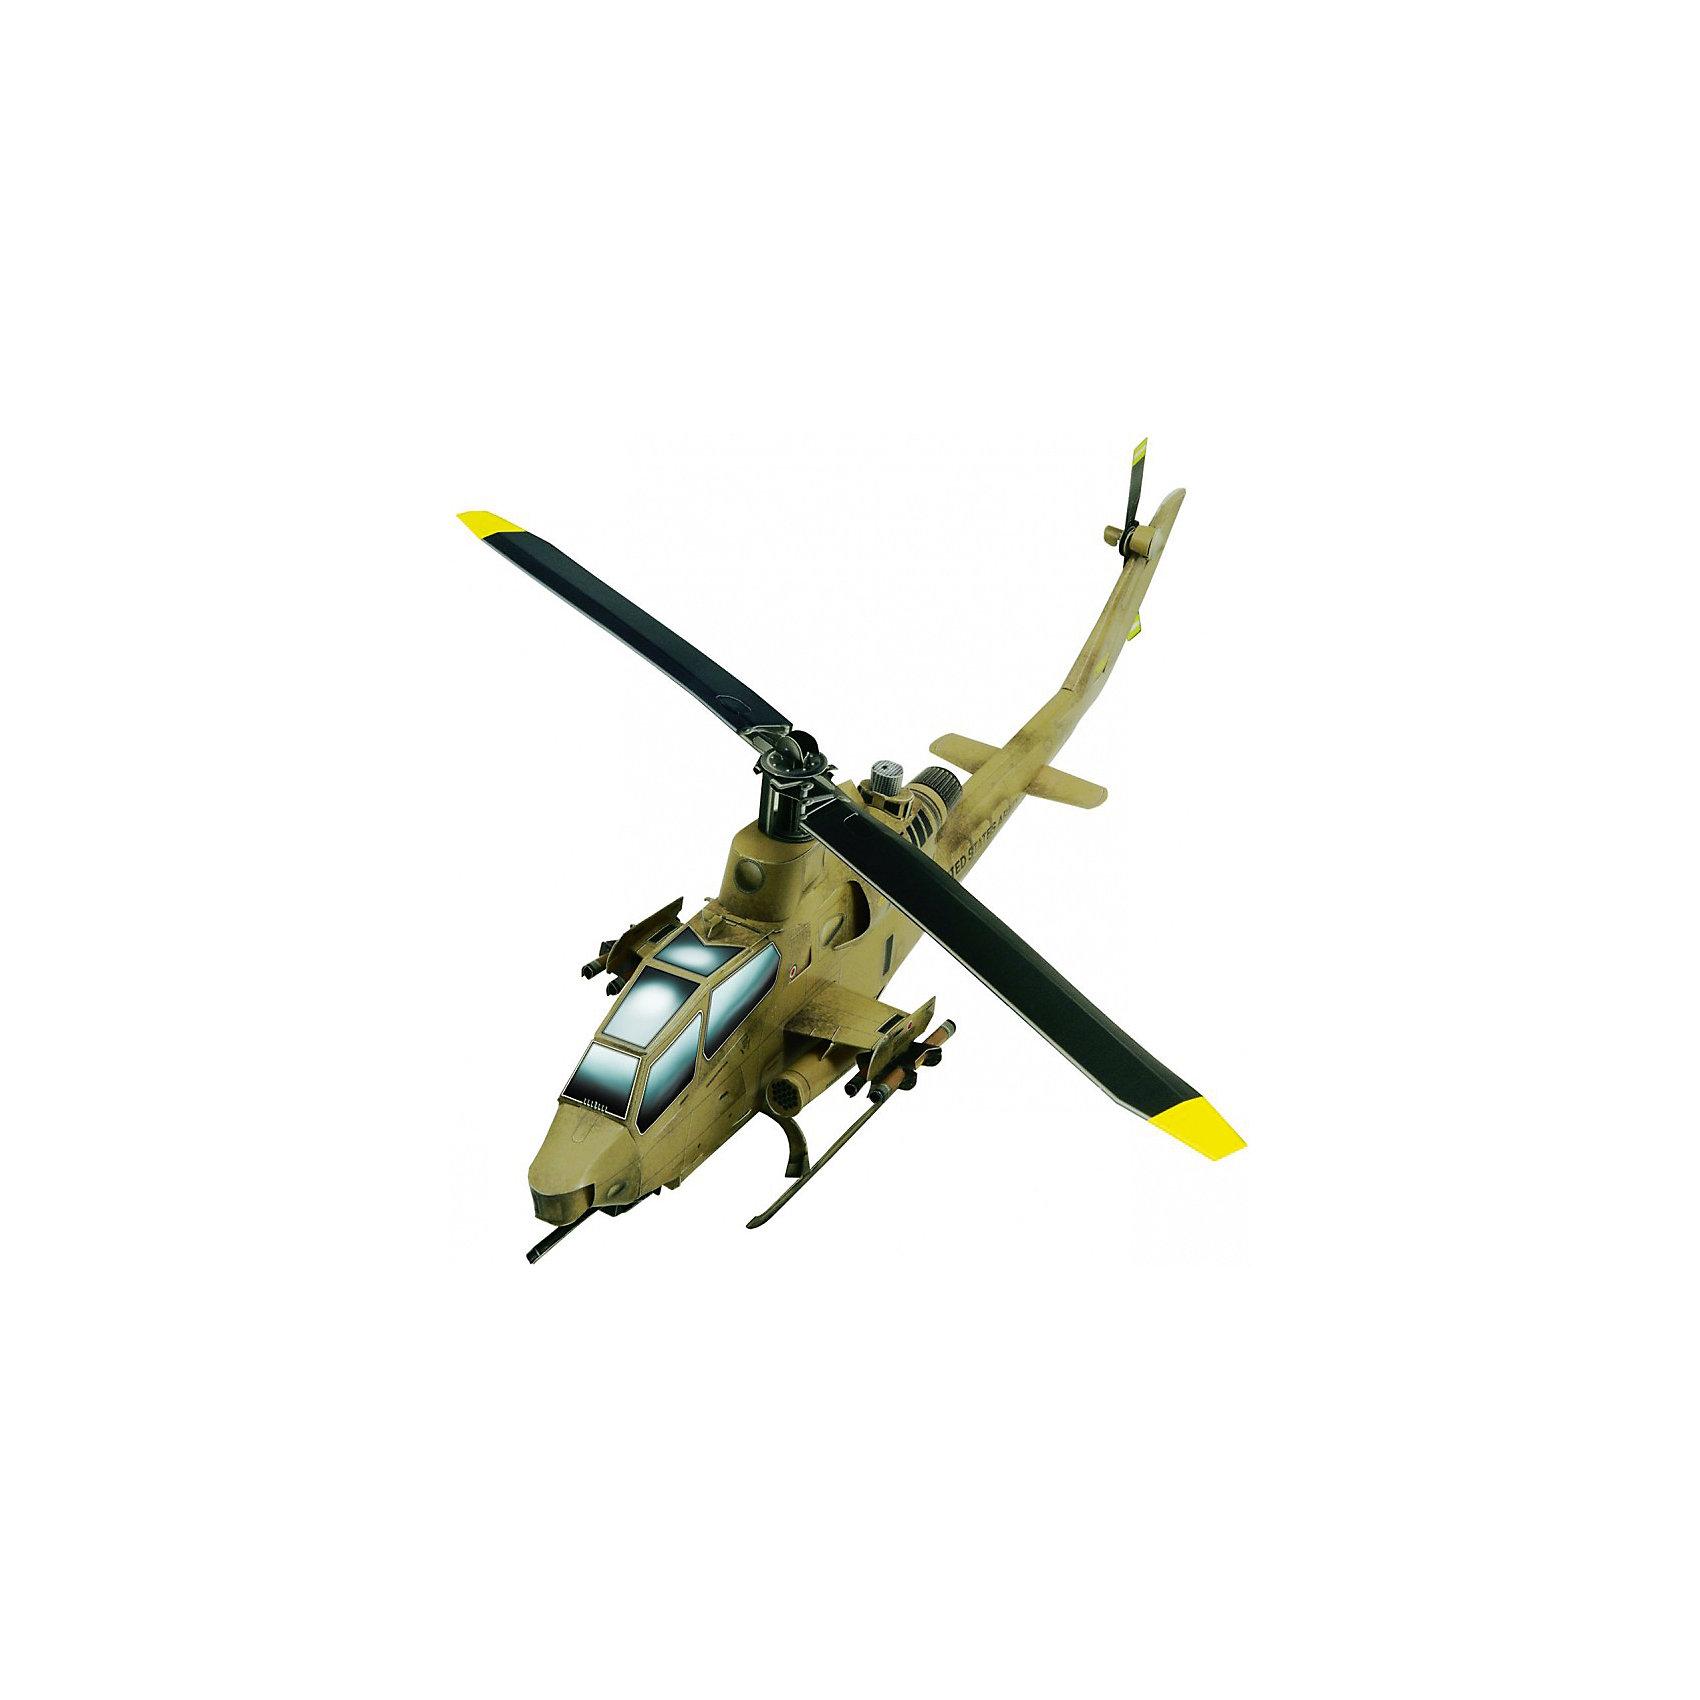 Сборная модель Вертолет Кобра (песочный)Сборная бумажная модель Вертолет Кобра – многоцелевой ударный вертолет, предназначенный для огневой поддержки сухопутных войск и борьбы с бронетехникой. Высокая степень детализации и реалистичные детали делают сборку конструктора очень интересным занятием. Принцип соединения деталей запатентован: все соединения разработаны и рассчитаны с такой точностью, что с правильно собранной игрушкой можно играть, как с обычной. Конструирование увлекательный и полезный процесс, развивающий мелкую моторику, внимание, усидчивость, пространственное мышление и фантазию.<br>Все сборные модели «Умная Бумага» разрабатываются на основе чертежей и фотографий оригинала. В их оформлении широко используются современные способы обработки бумаги для передачи рельефности поверхности, а для имитации хромированных и золоченых элементов применяется тиснение фольгой.<br><br>Дополнительная информация:<br><br>- Материал: картон.<br>- Масштаб: 1:48.<br>- Размер модели: 28х7,5х8 см.<br>- Размер упаковки: 22х24 см.<br>- Количество деталей: 43.<br><br>Сборную модель Вертолет Кобра (песочный цвет) можно купить в нашем магазине.<br><br>Ширина мм: 220<br>Глубина мм: 242<br>Высота мм: 2<br>Вес г: 40<br>Возраст от месяцев: 72<br>Возраст до месяцев: 168<br>Пол: Мужской<br>Возраст: Детский<br>SKU: 4697718